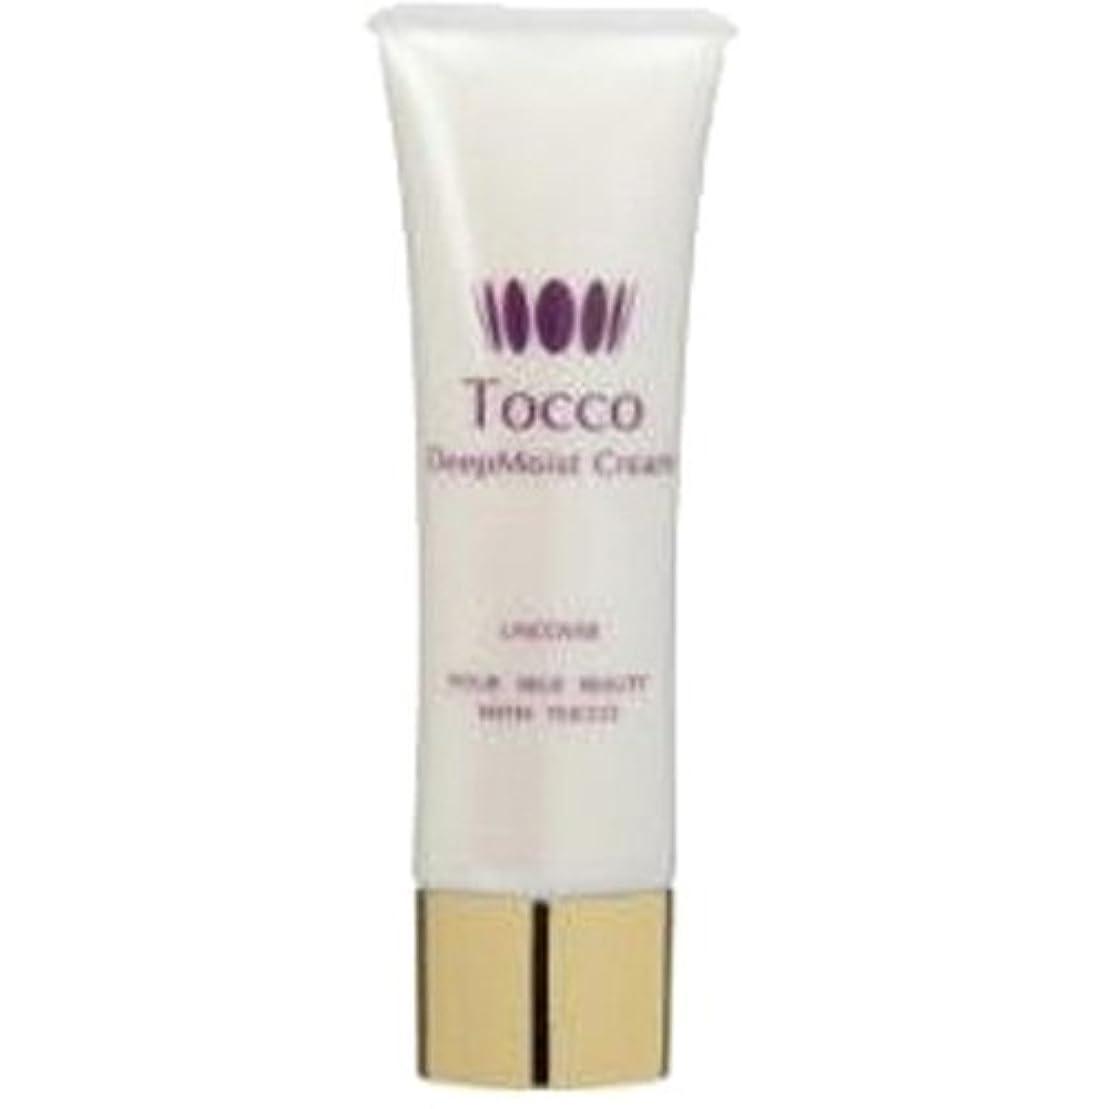 取り出す石鹸石のTocco(トッコ)ディープモイストクリーム 30g